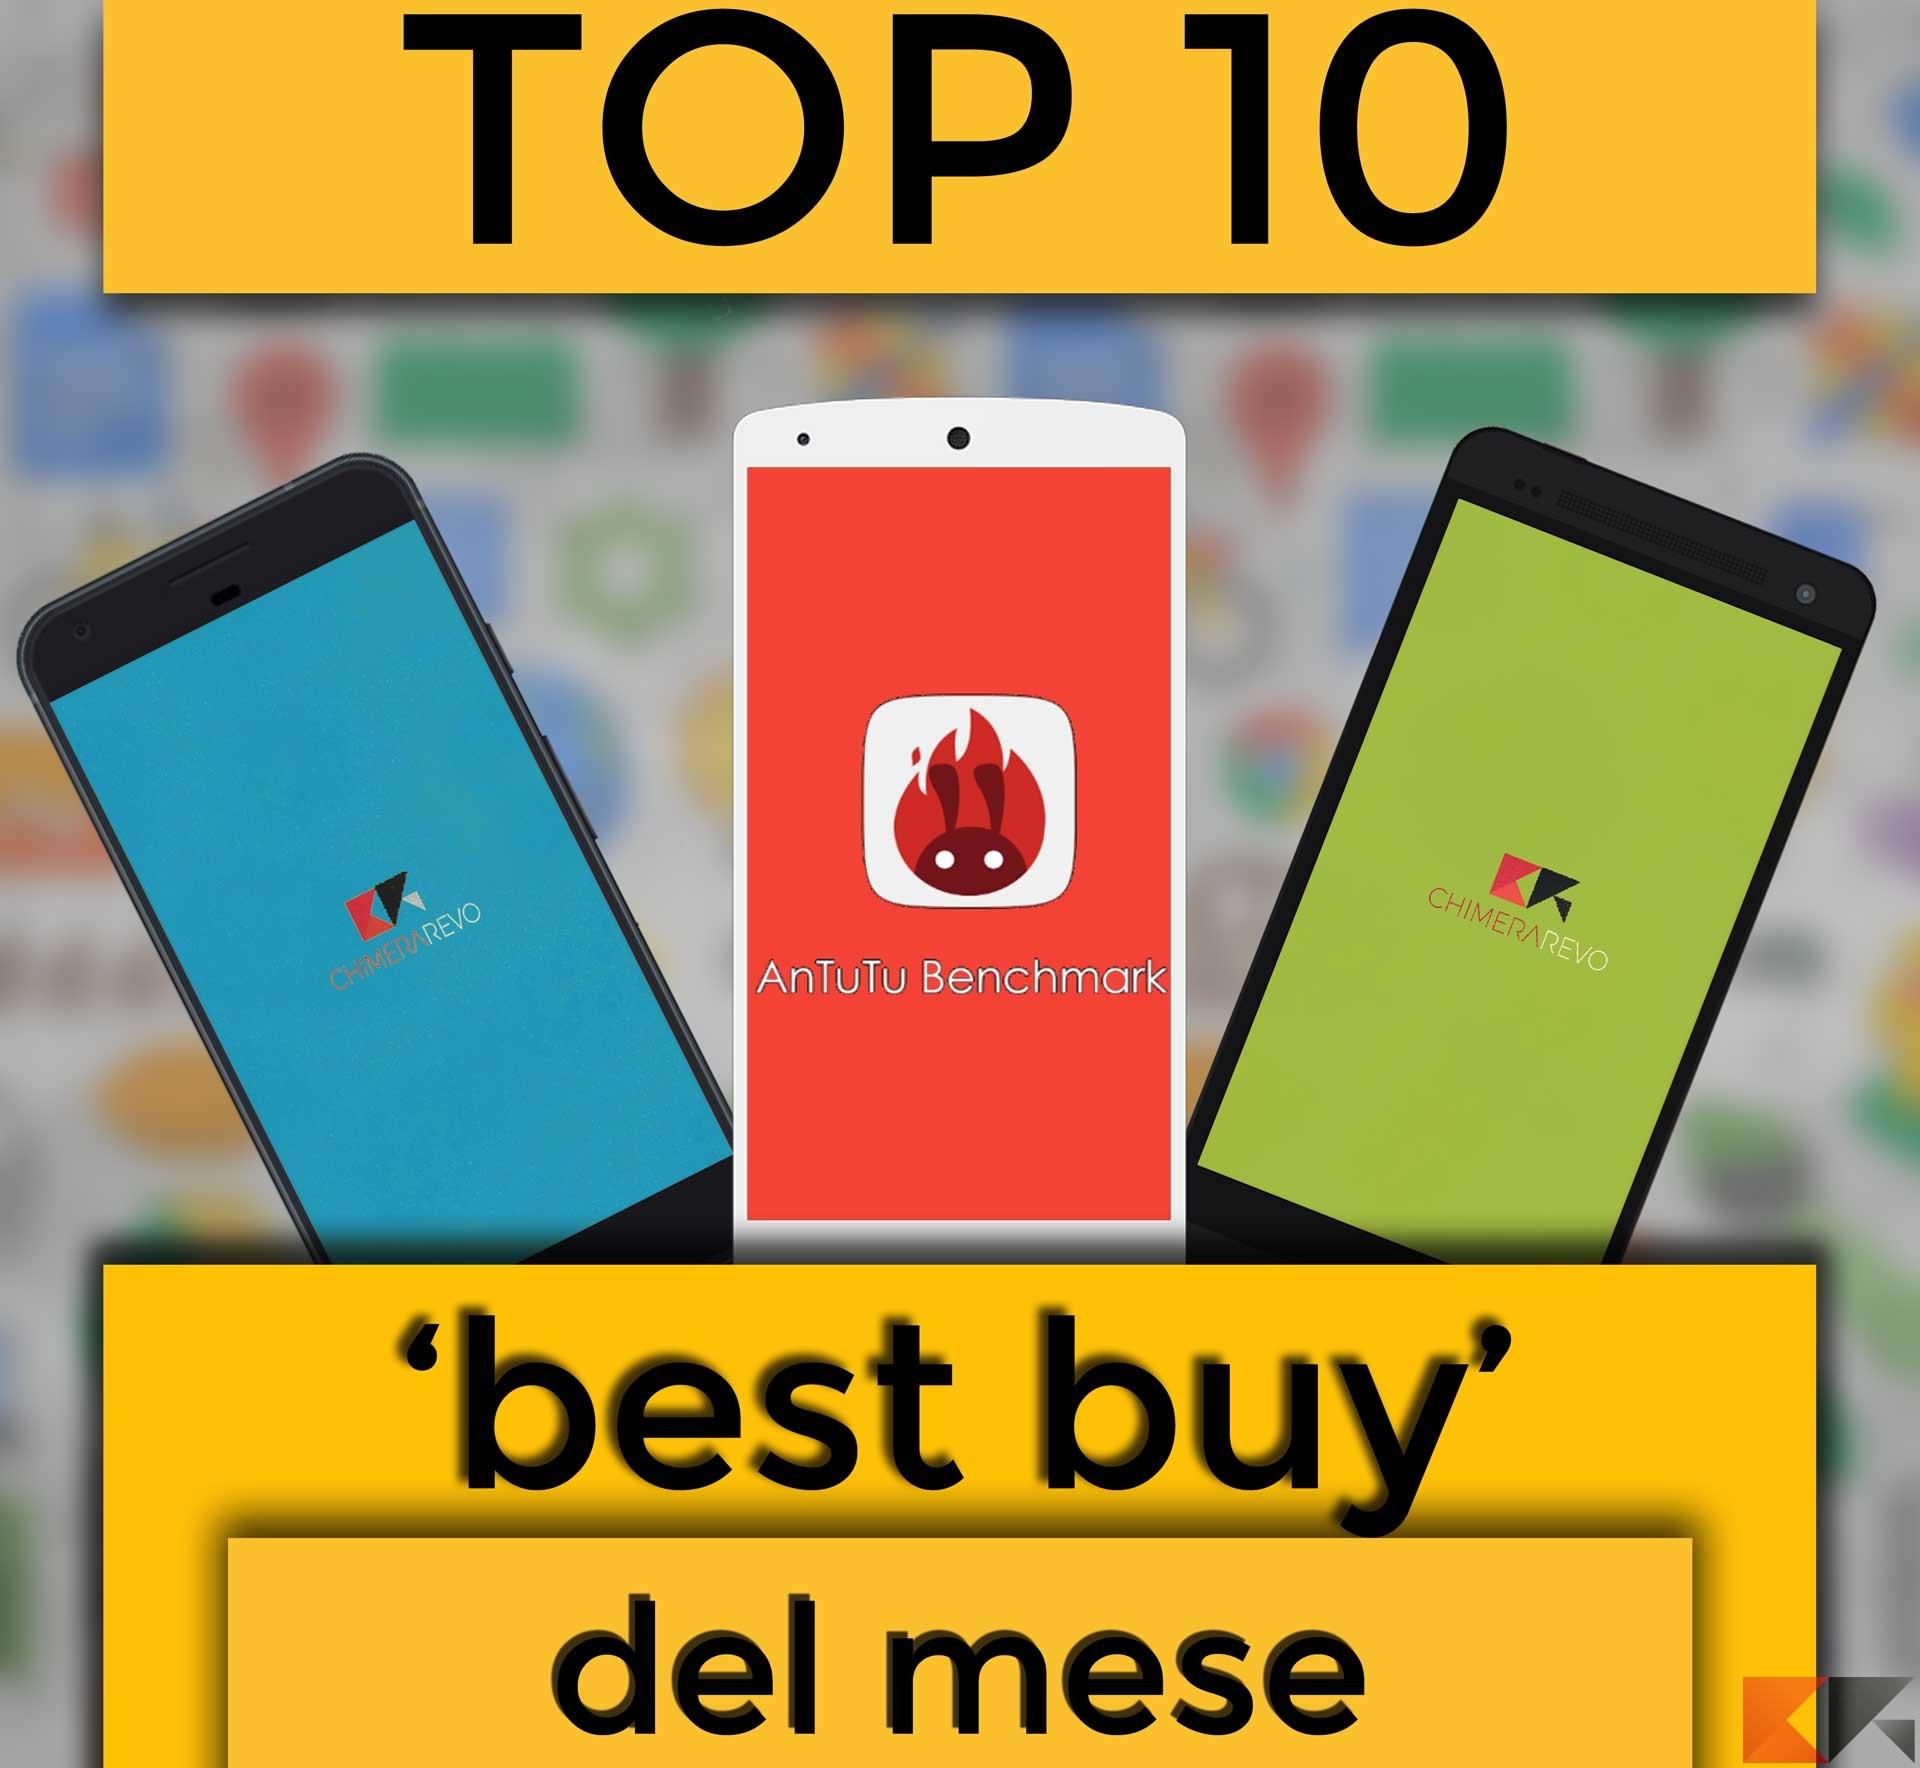 I migliori 10 smartphone per rapporto qualit prezzo di agosto 2017 antutu benchmark chimerarevo - Migliori cucine rapporto qualita prezzo ...